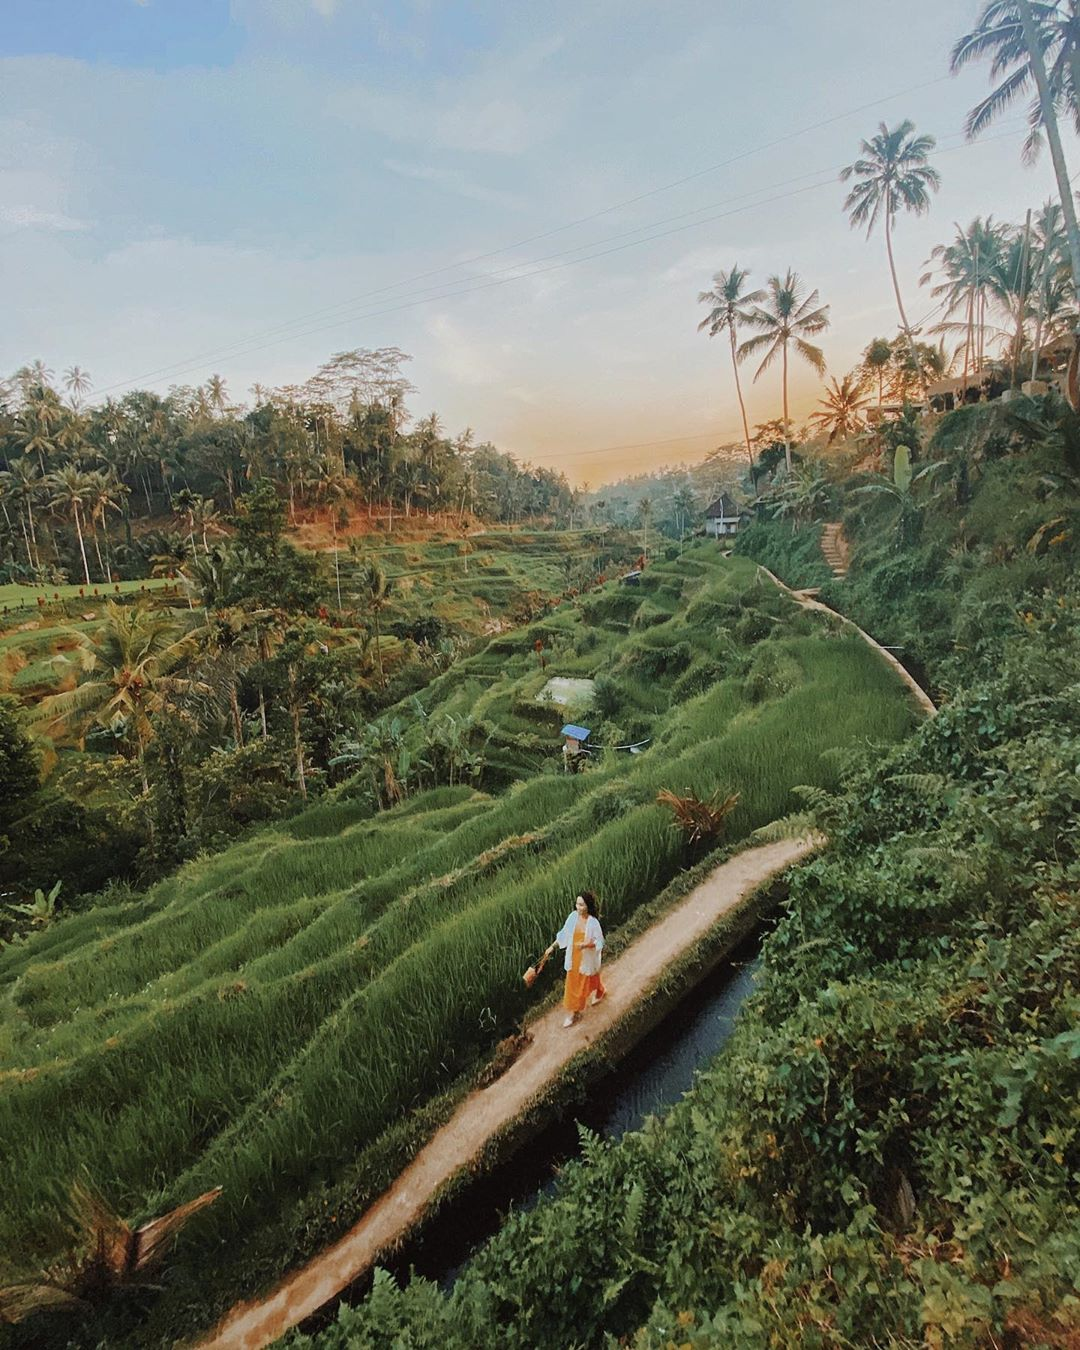 Kinh nghiệm du lịch Bali tự túc - Ubud